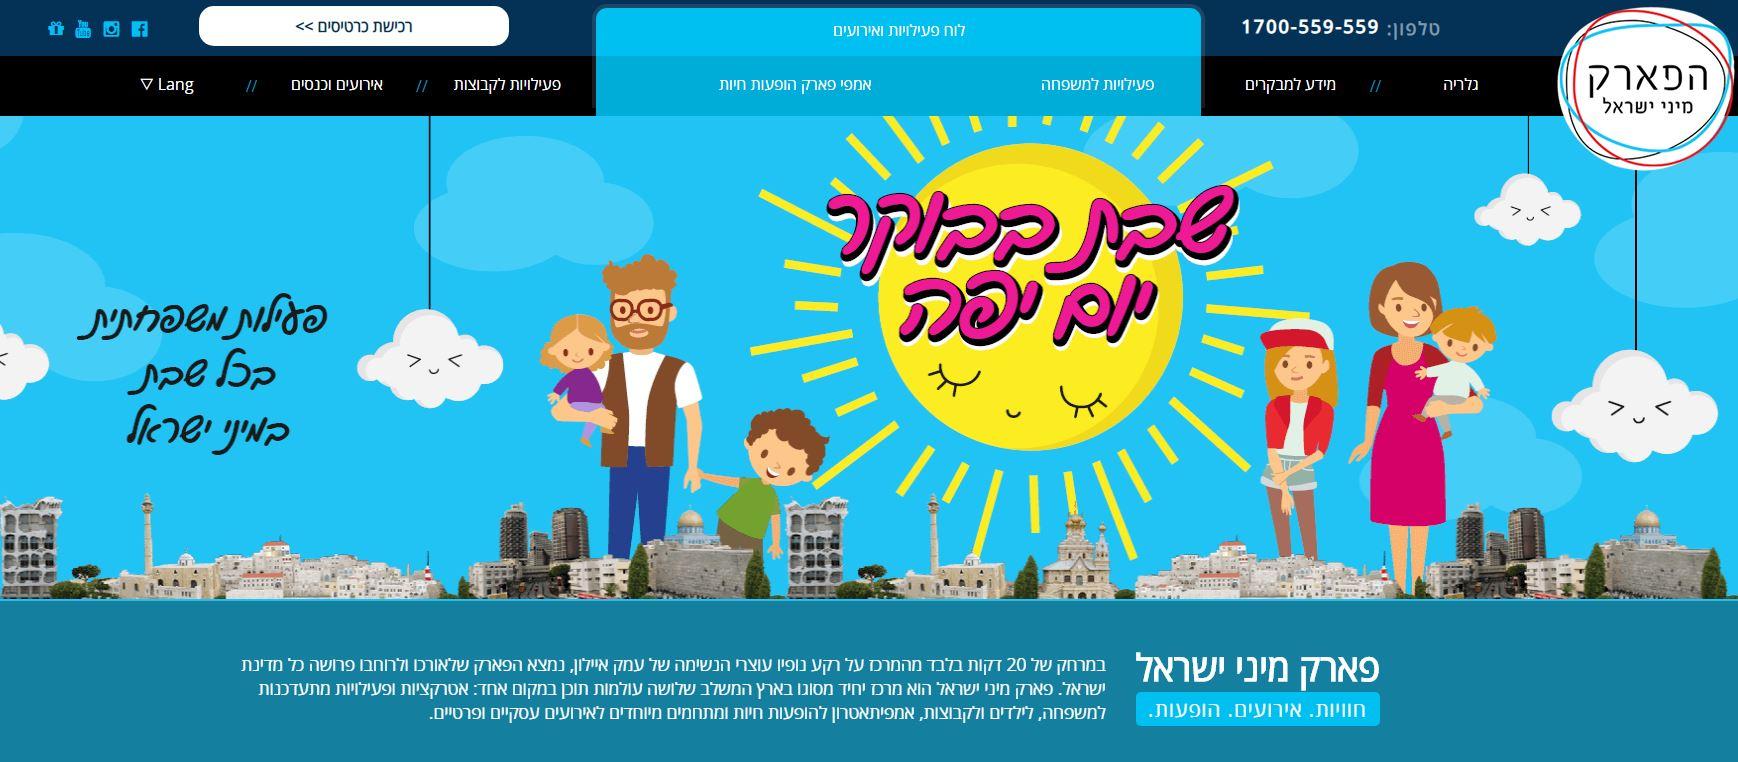 צילום מסך אתר מינישראל